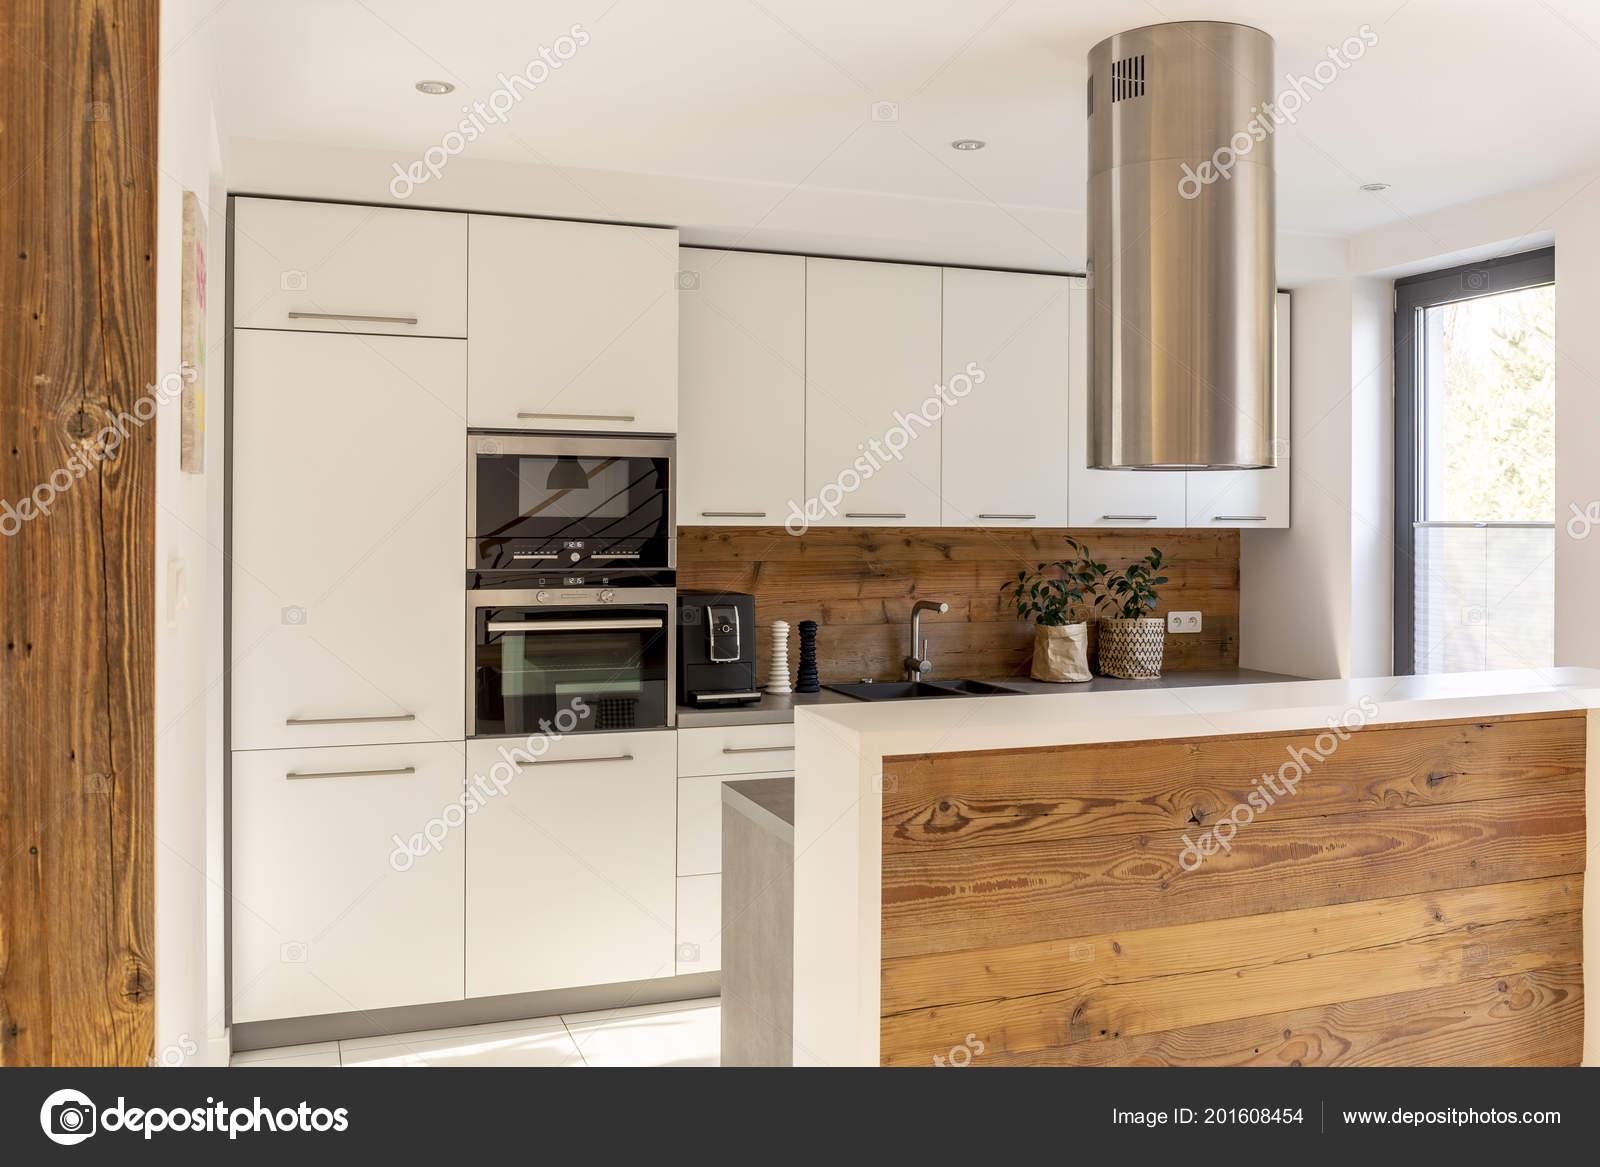 Weiße Moderne Küche Interieur Mit Silber Dunstabzugshaube ...